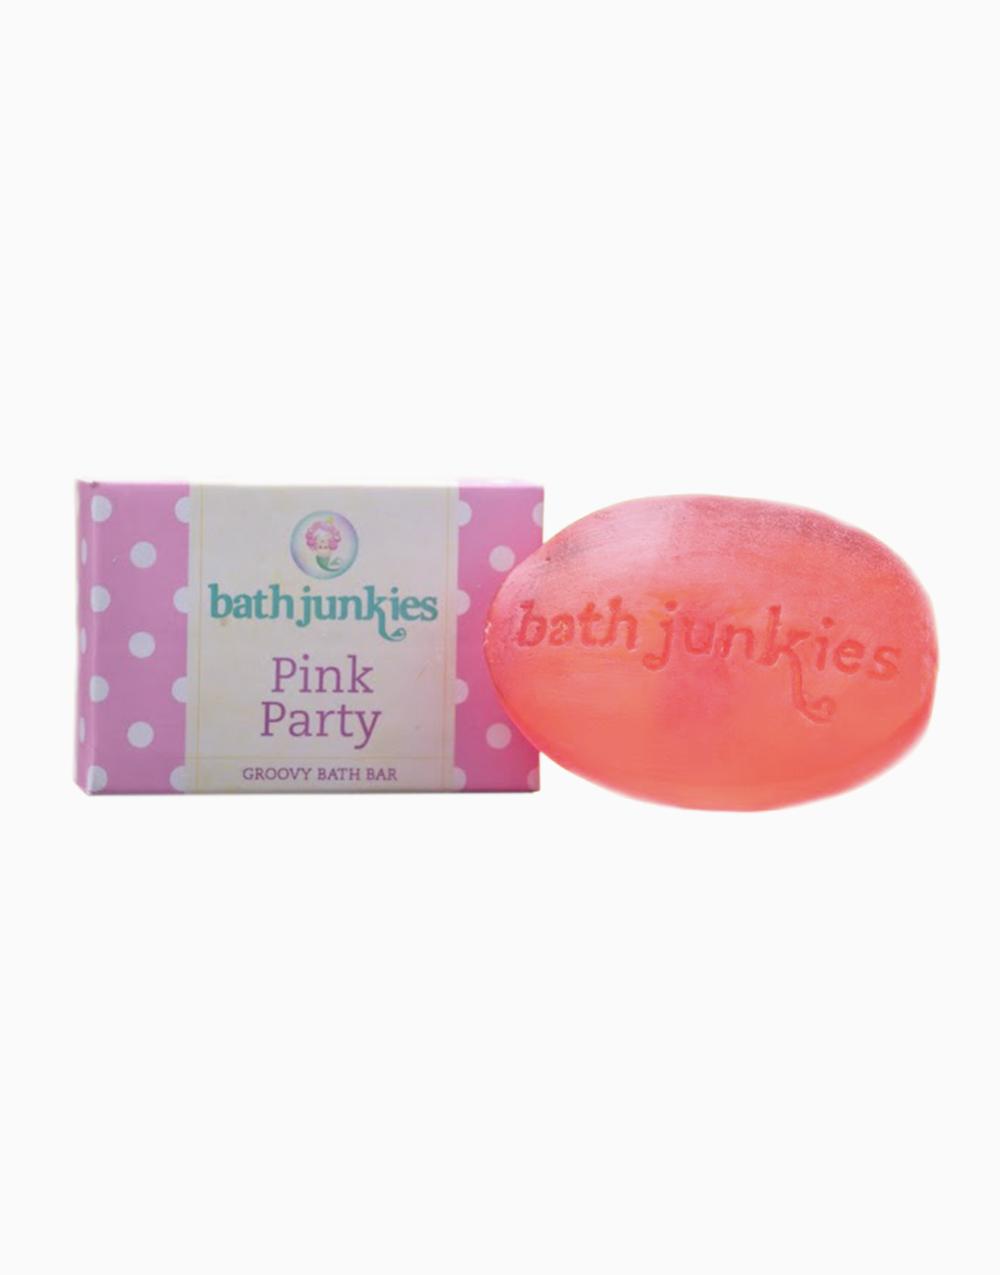 Pink Party Groovy Bath Bar by Bath Junkies